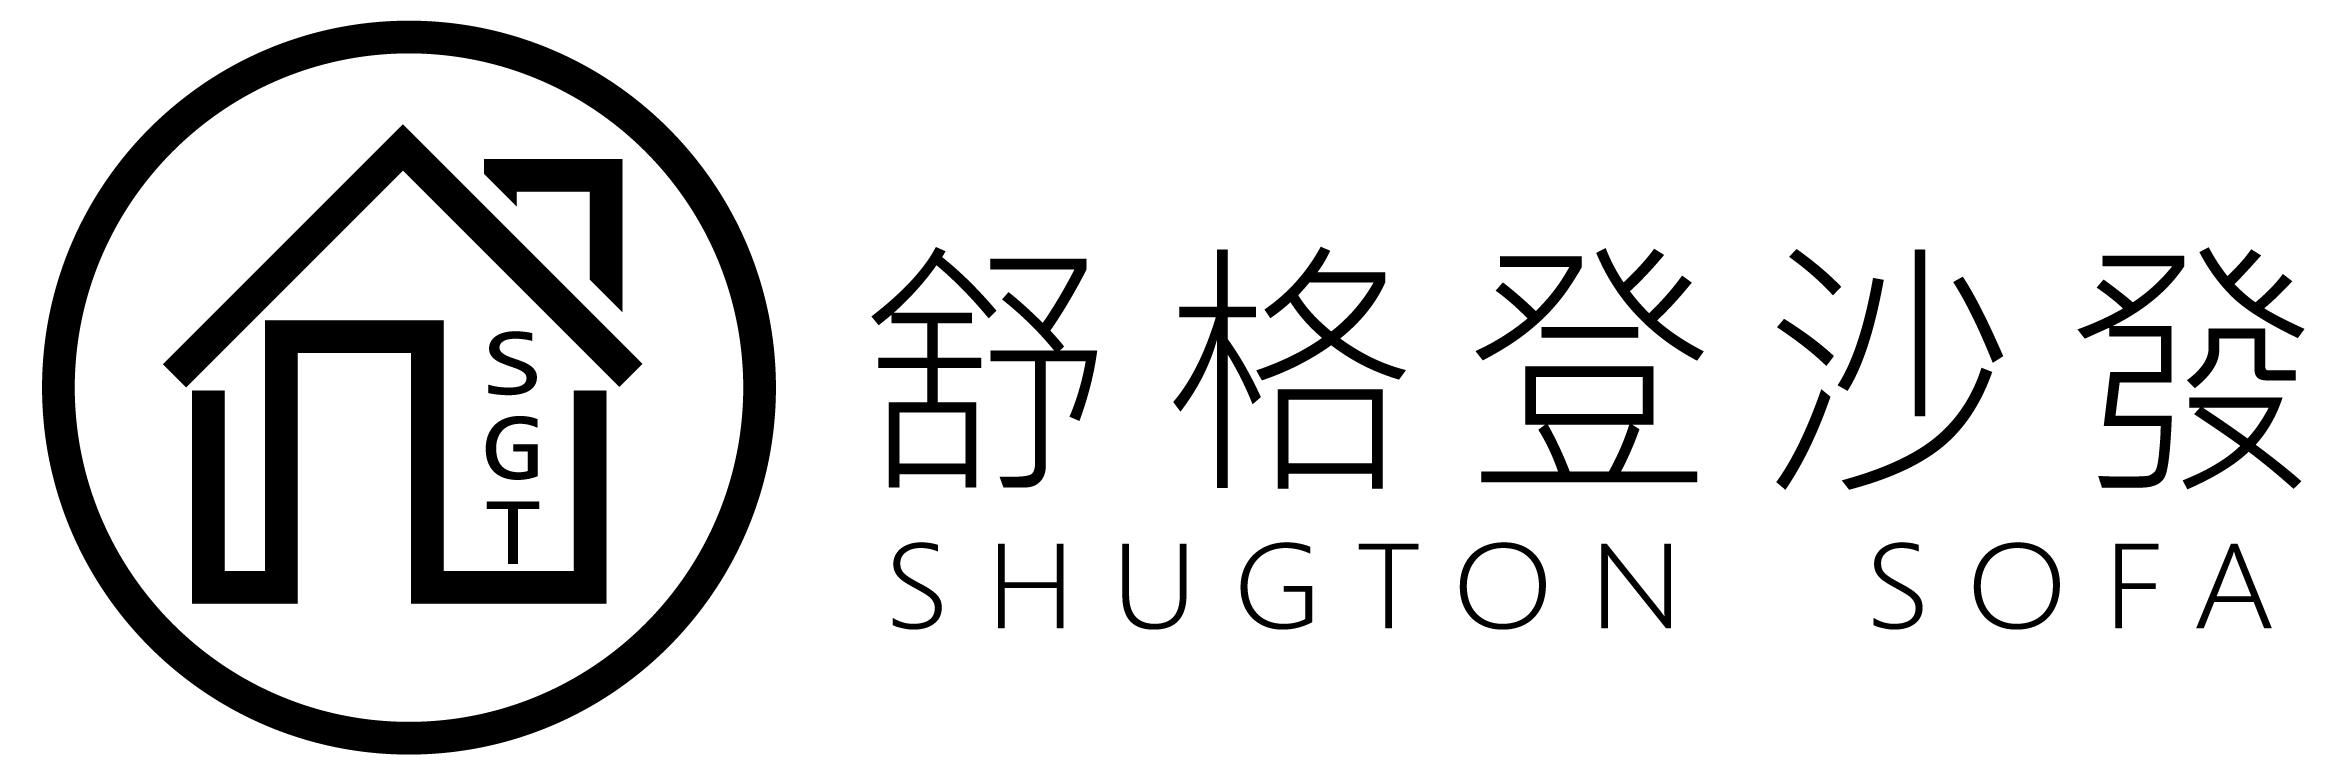 舒格登沙發 Logo